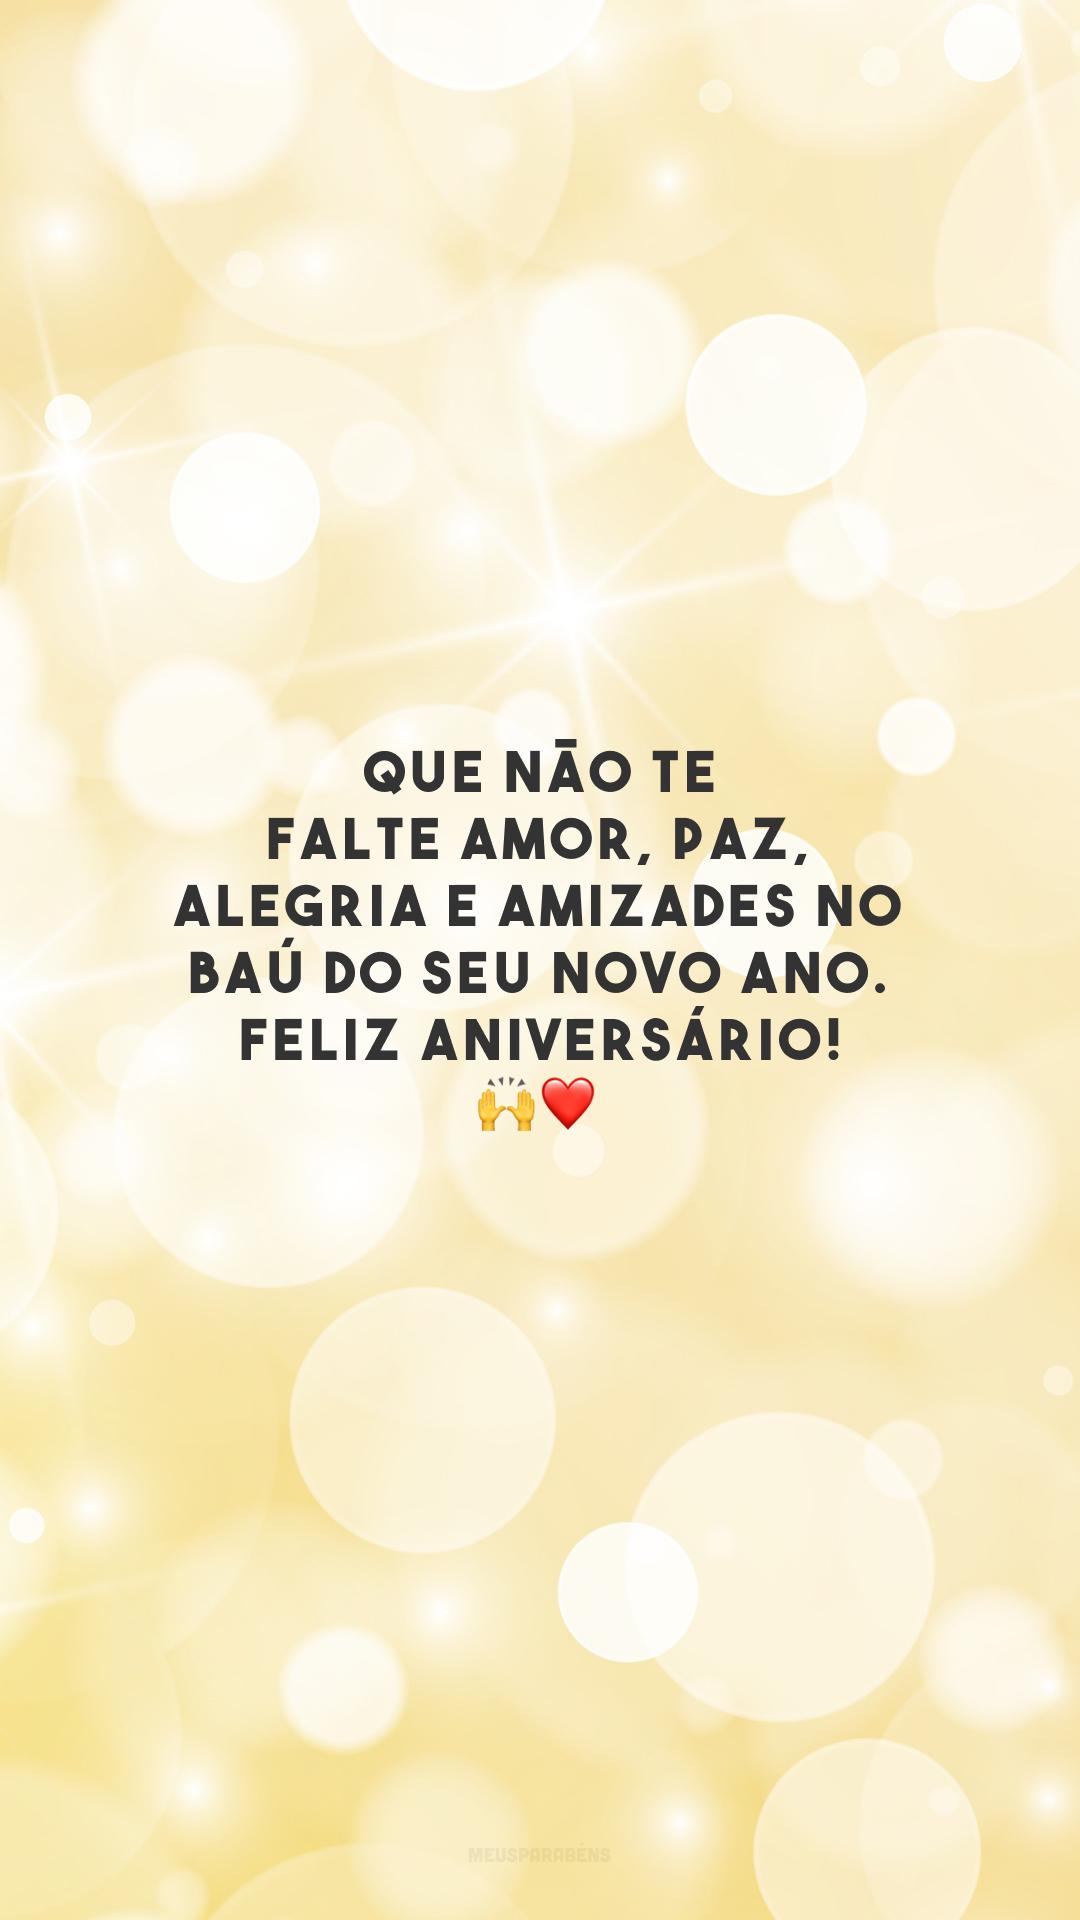 Que não te falte amor, paz, alegria e amizades no baú do seu novo ano. Feliz aniversário! 🙌❤️